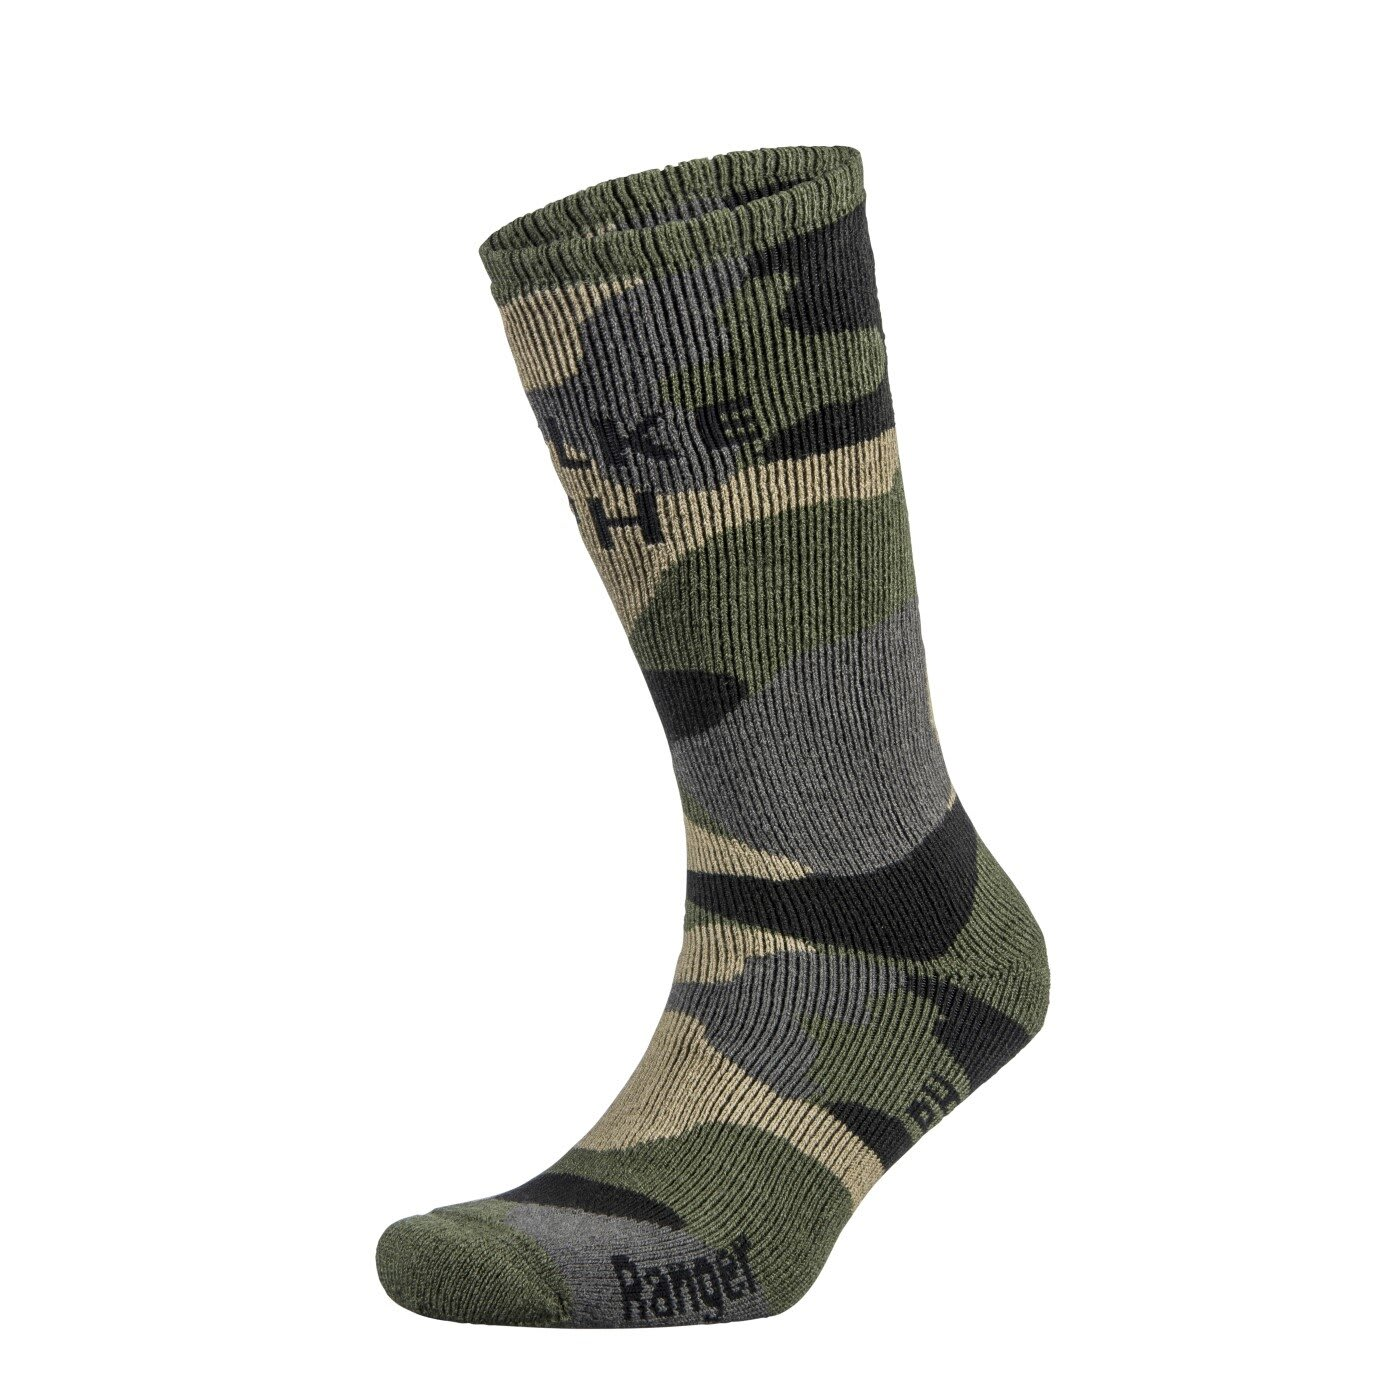 Falke Ranger Camo Sock